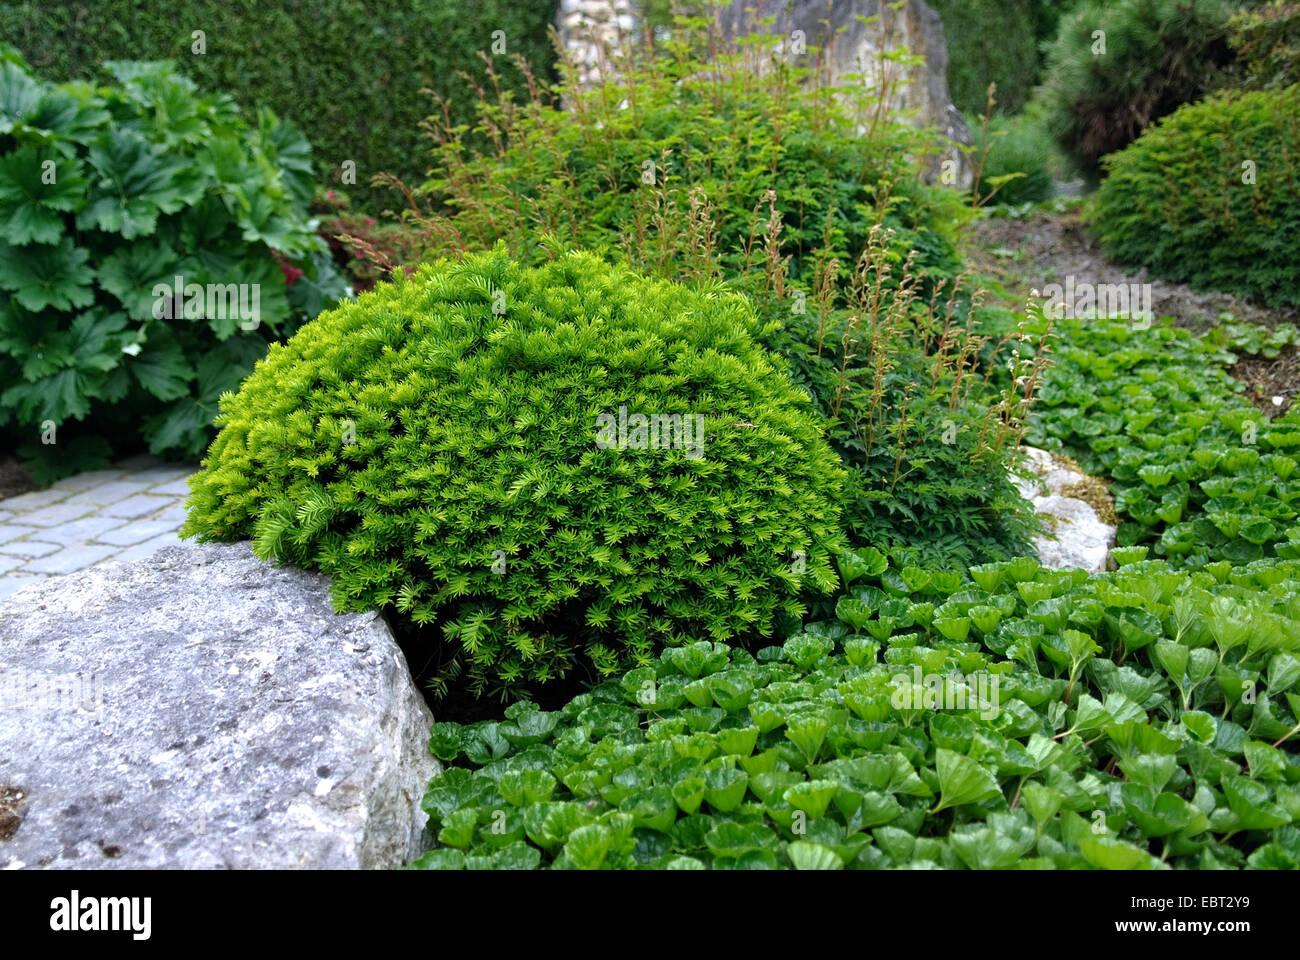 Japanese yew, pyramidal yew (Taxus cuspidata 'Nana', Taxus cuspidata Nana), vultivar Nana - Stock Image